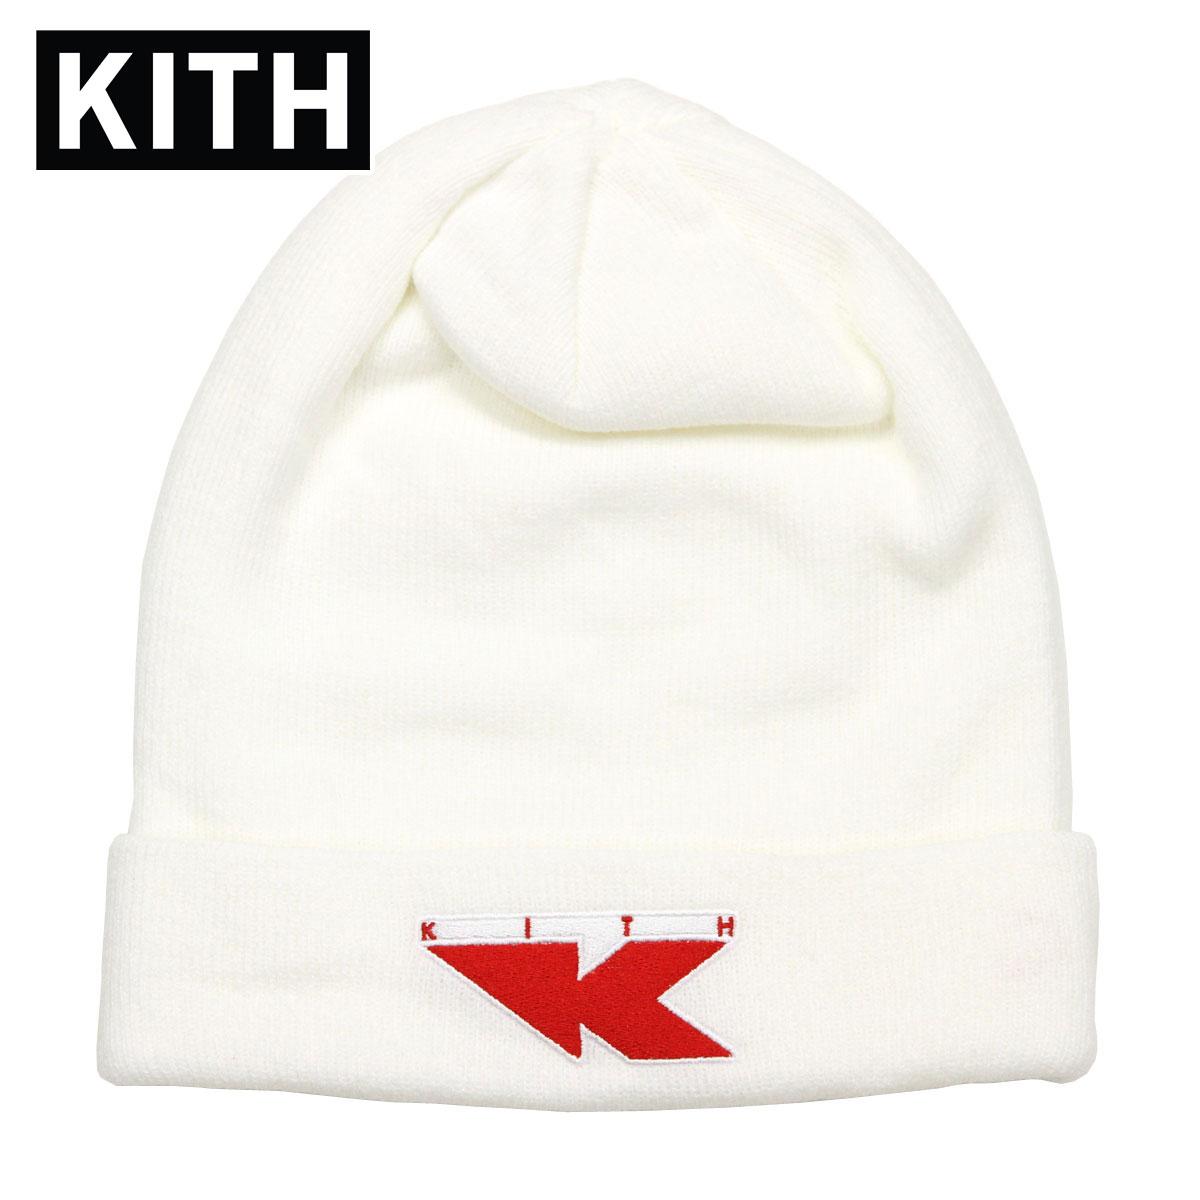 【ポイント10倍 6/4 20:00~6/11 01:59まで】 キス KITH 正規品 帽子 ニットキャップ KITH X NIKE FLIGHT BEANIE WHITE / RED NKAH9954-100 父の日